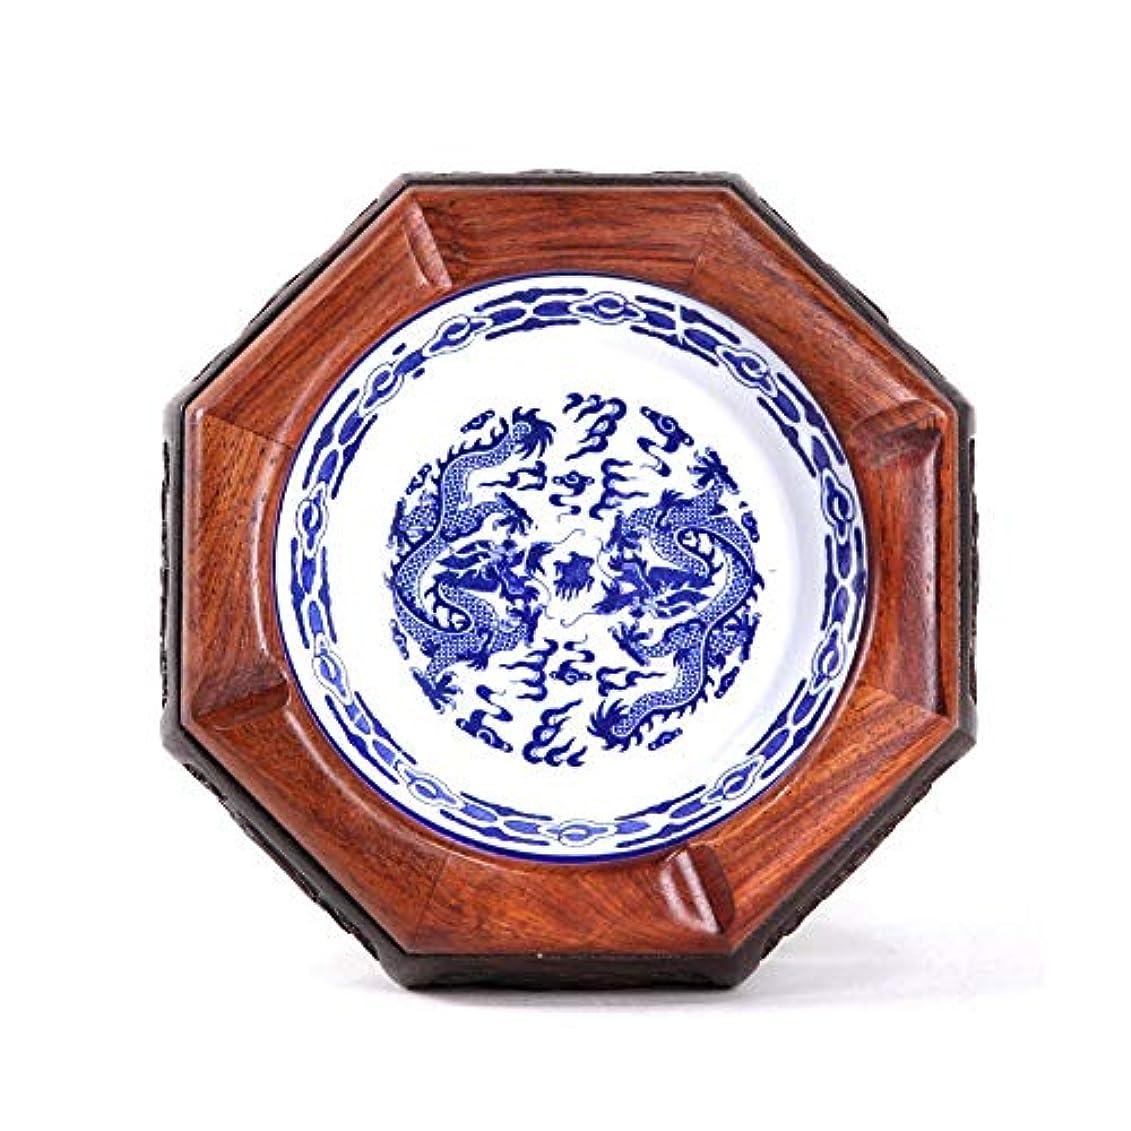 タイムリーな自明変形するオフィスの居間の灰皿、中国のレトロな陶磁器並ぶ木製の灰皿、家の屋内と屋外の庭のエレガントな灰皿 (色 : L)